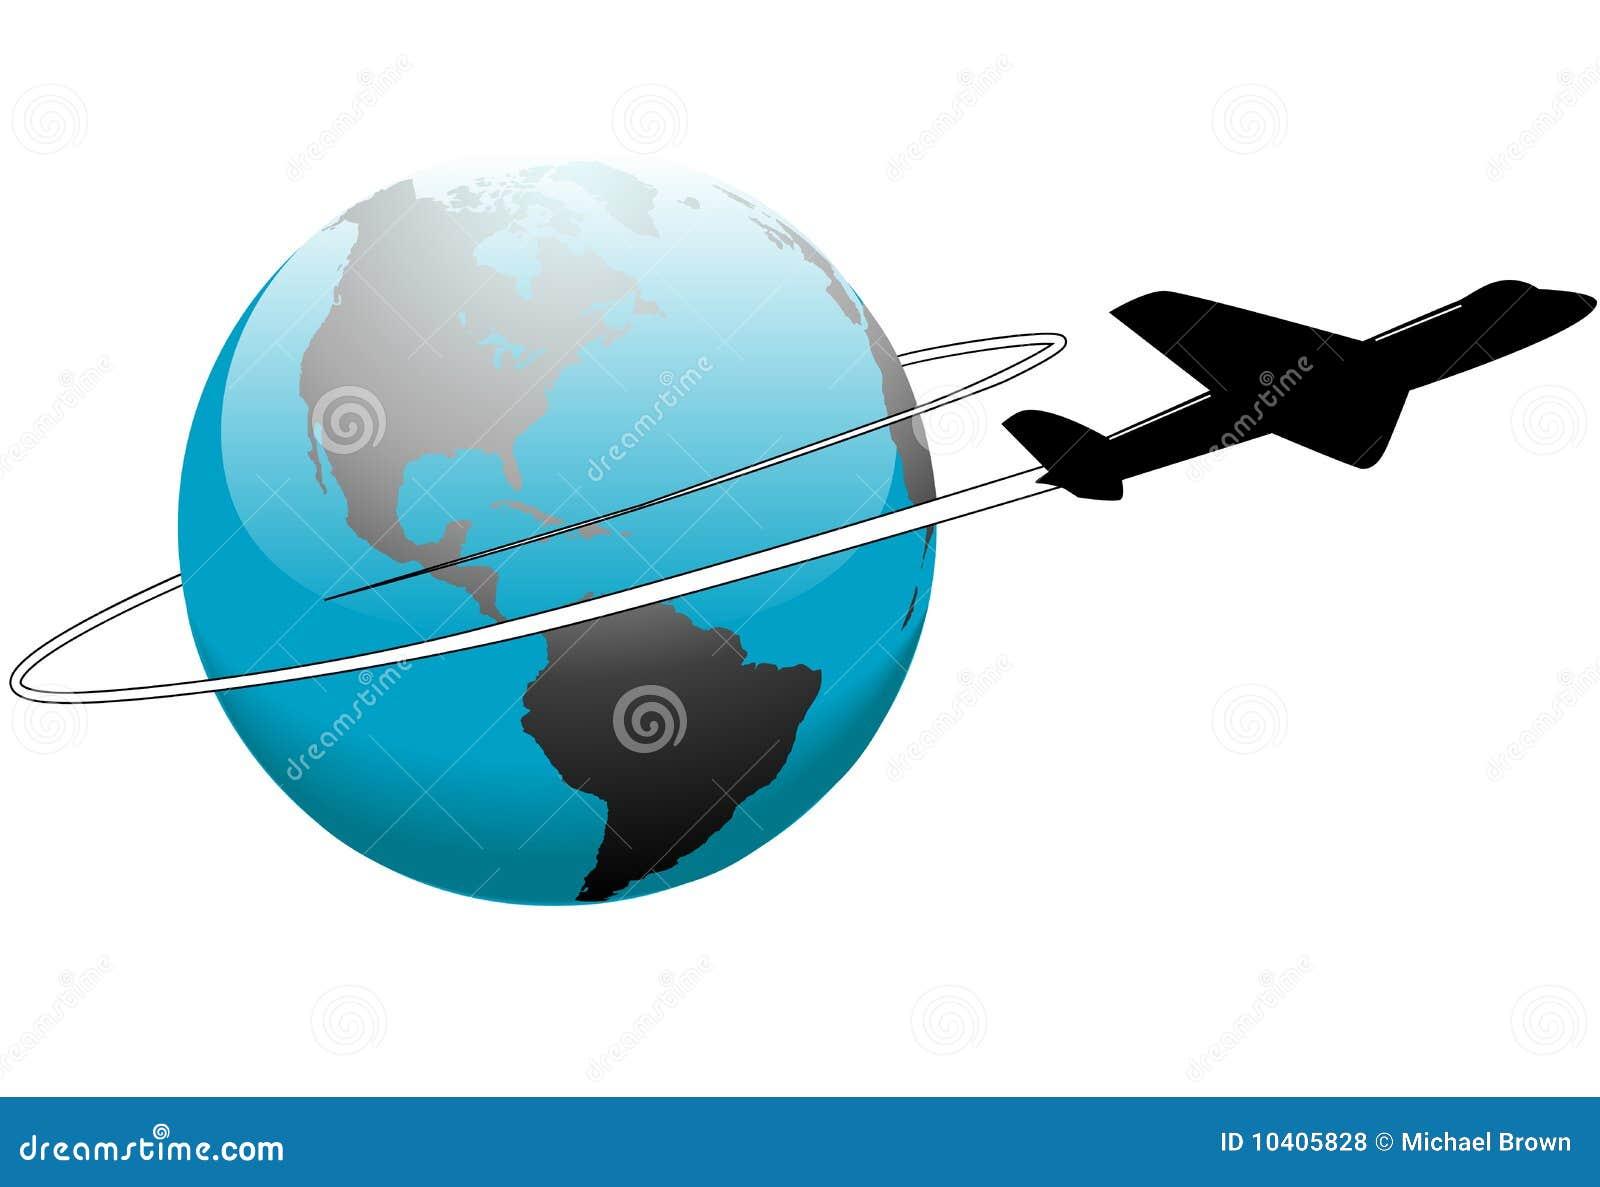 De reis van de luchtvaartlijn rond het vliegtuig van de aarde van de wereld vector illustratie - De thuisbasis van de wereld chesterfield ...